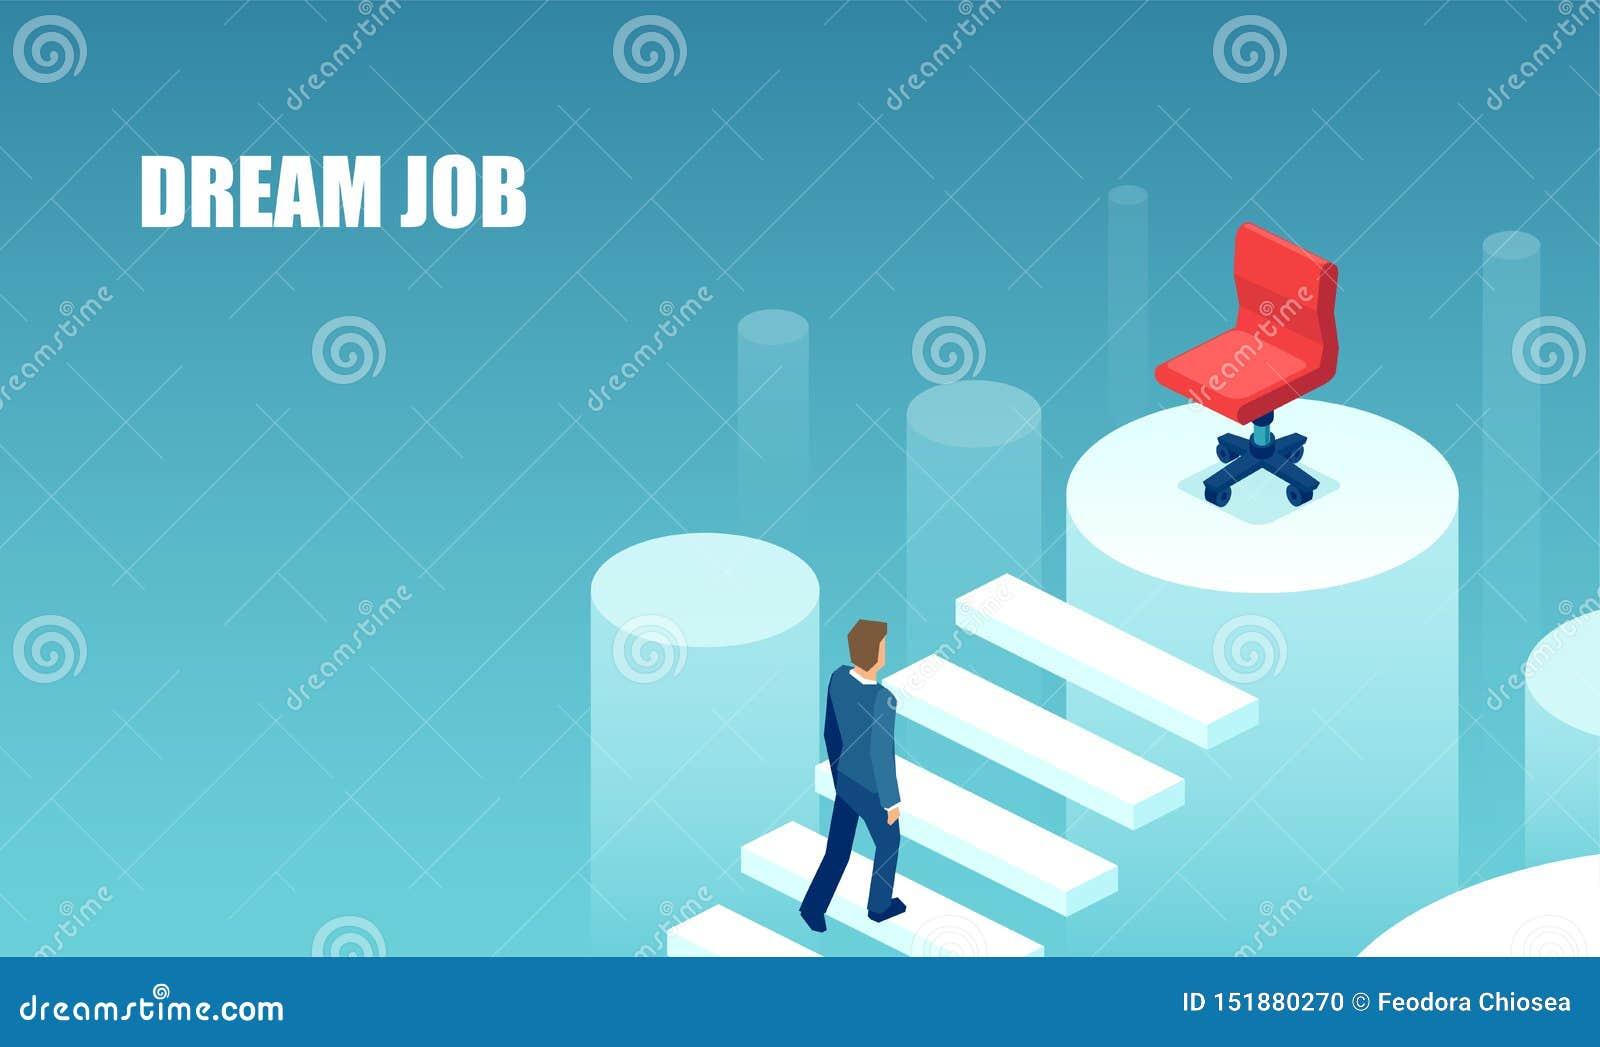 Vektor eines Geschäftsmannes, der oben Karriereleiter in Richtung zu seinem Traumjob klettert